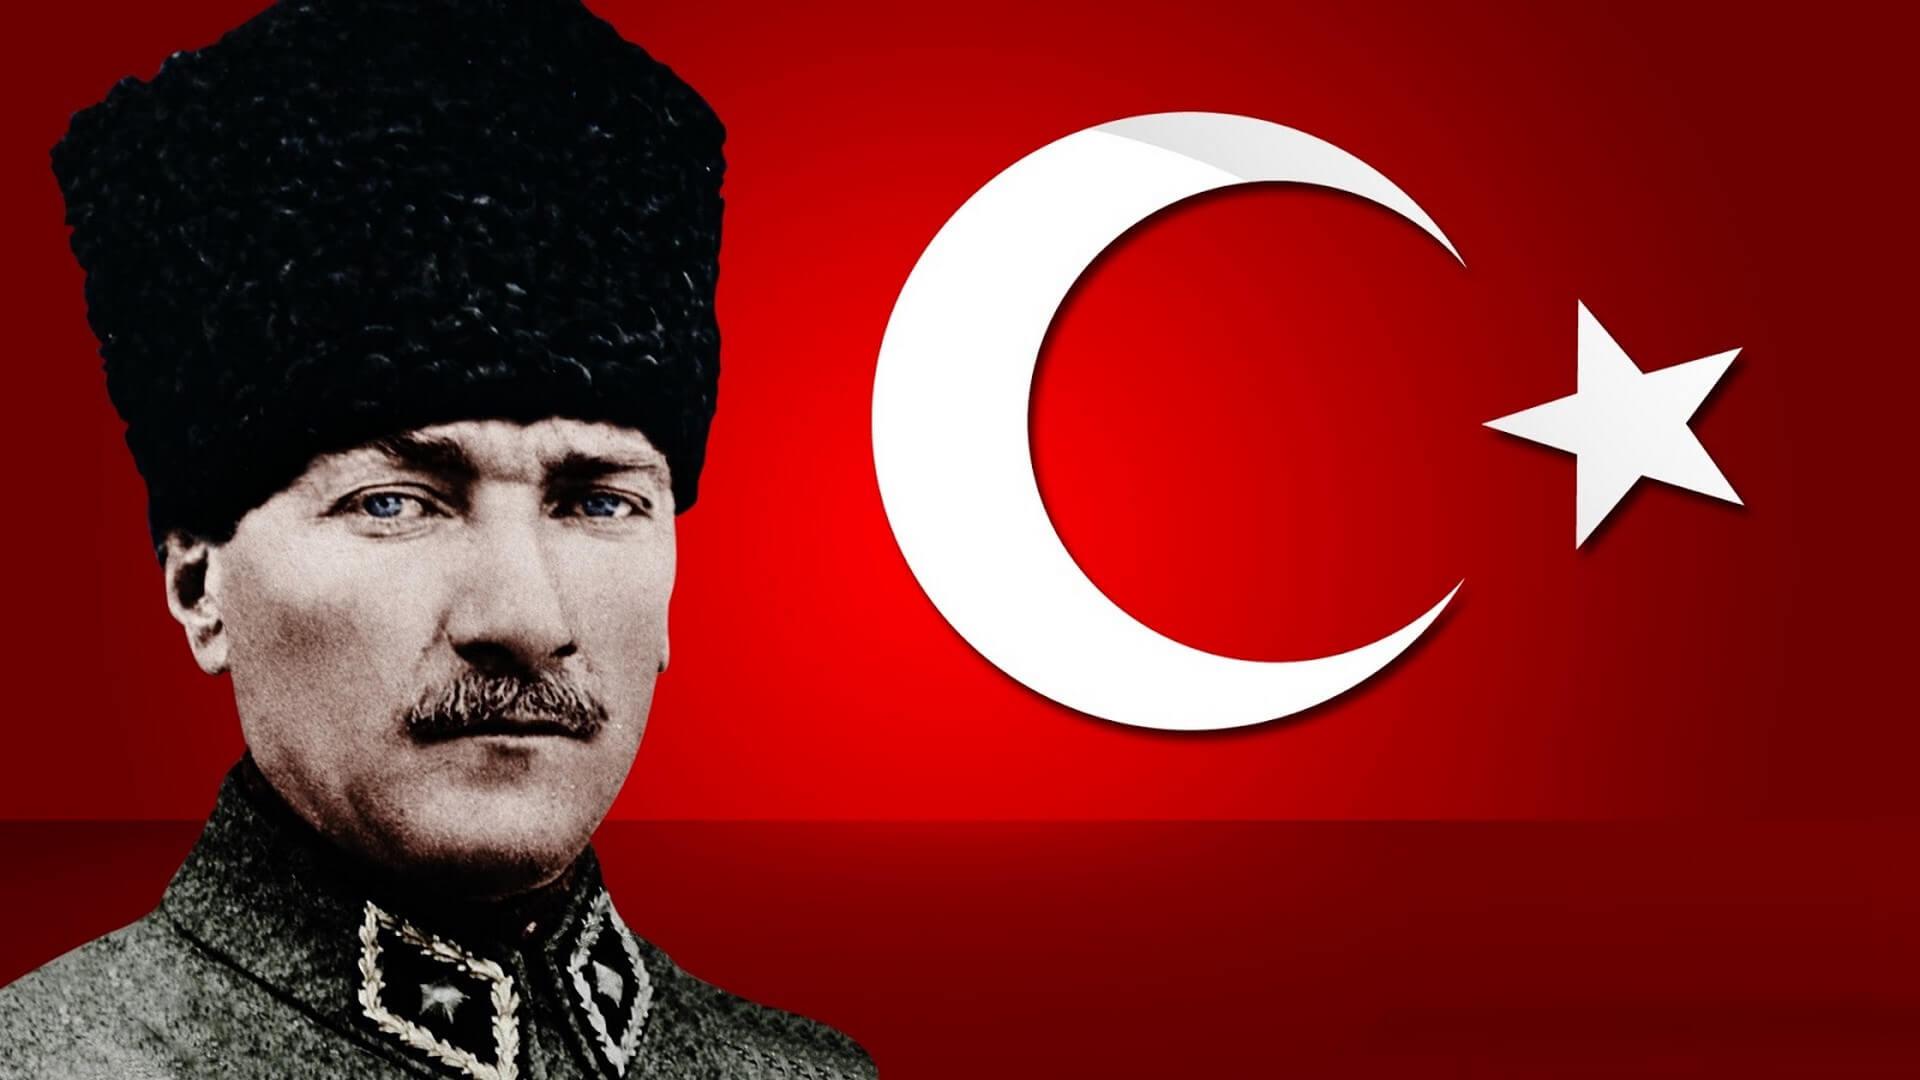 Türkiye Cumhuriyeti Resmi Devlet Kurumları Logosu Yenilendi! - CKFeed